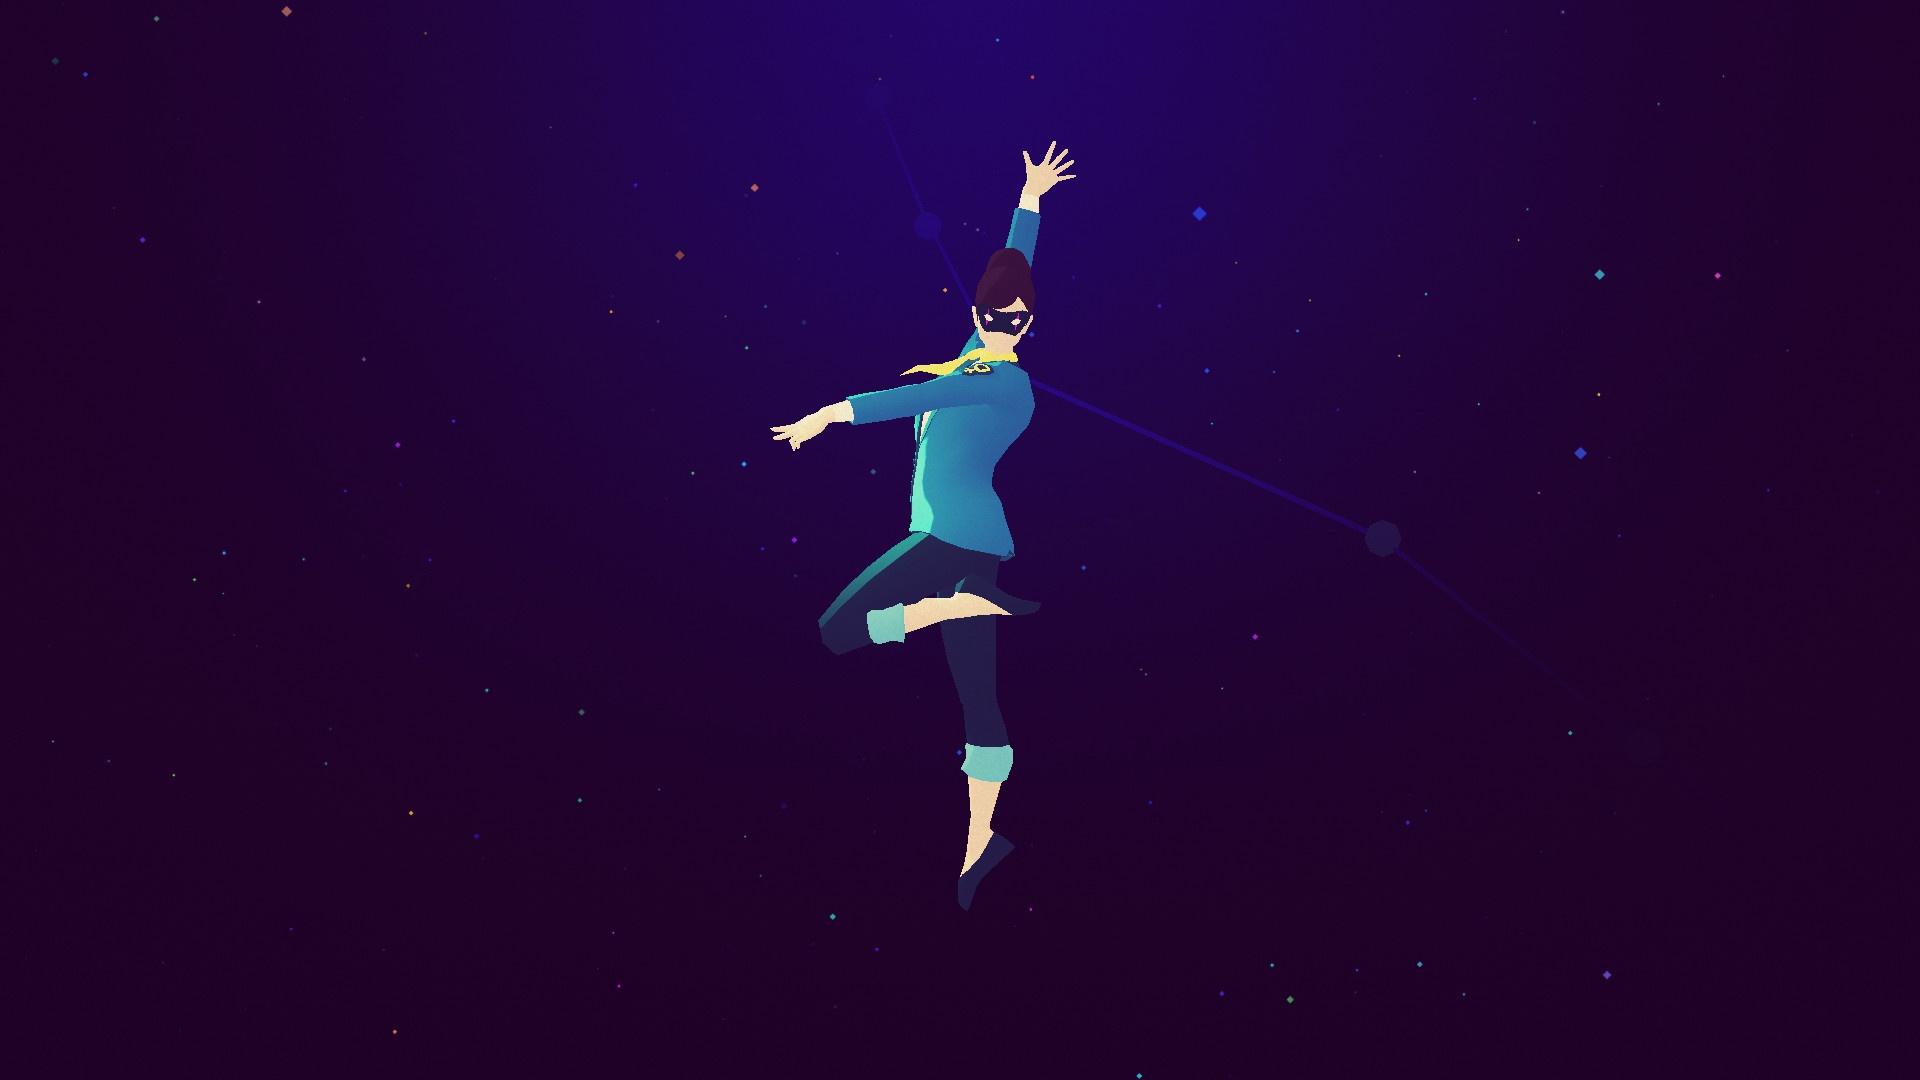 Музыкальный боевик Sayonara Wild Hearts выйдет на Xbox One